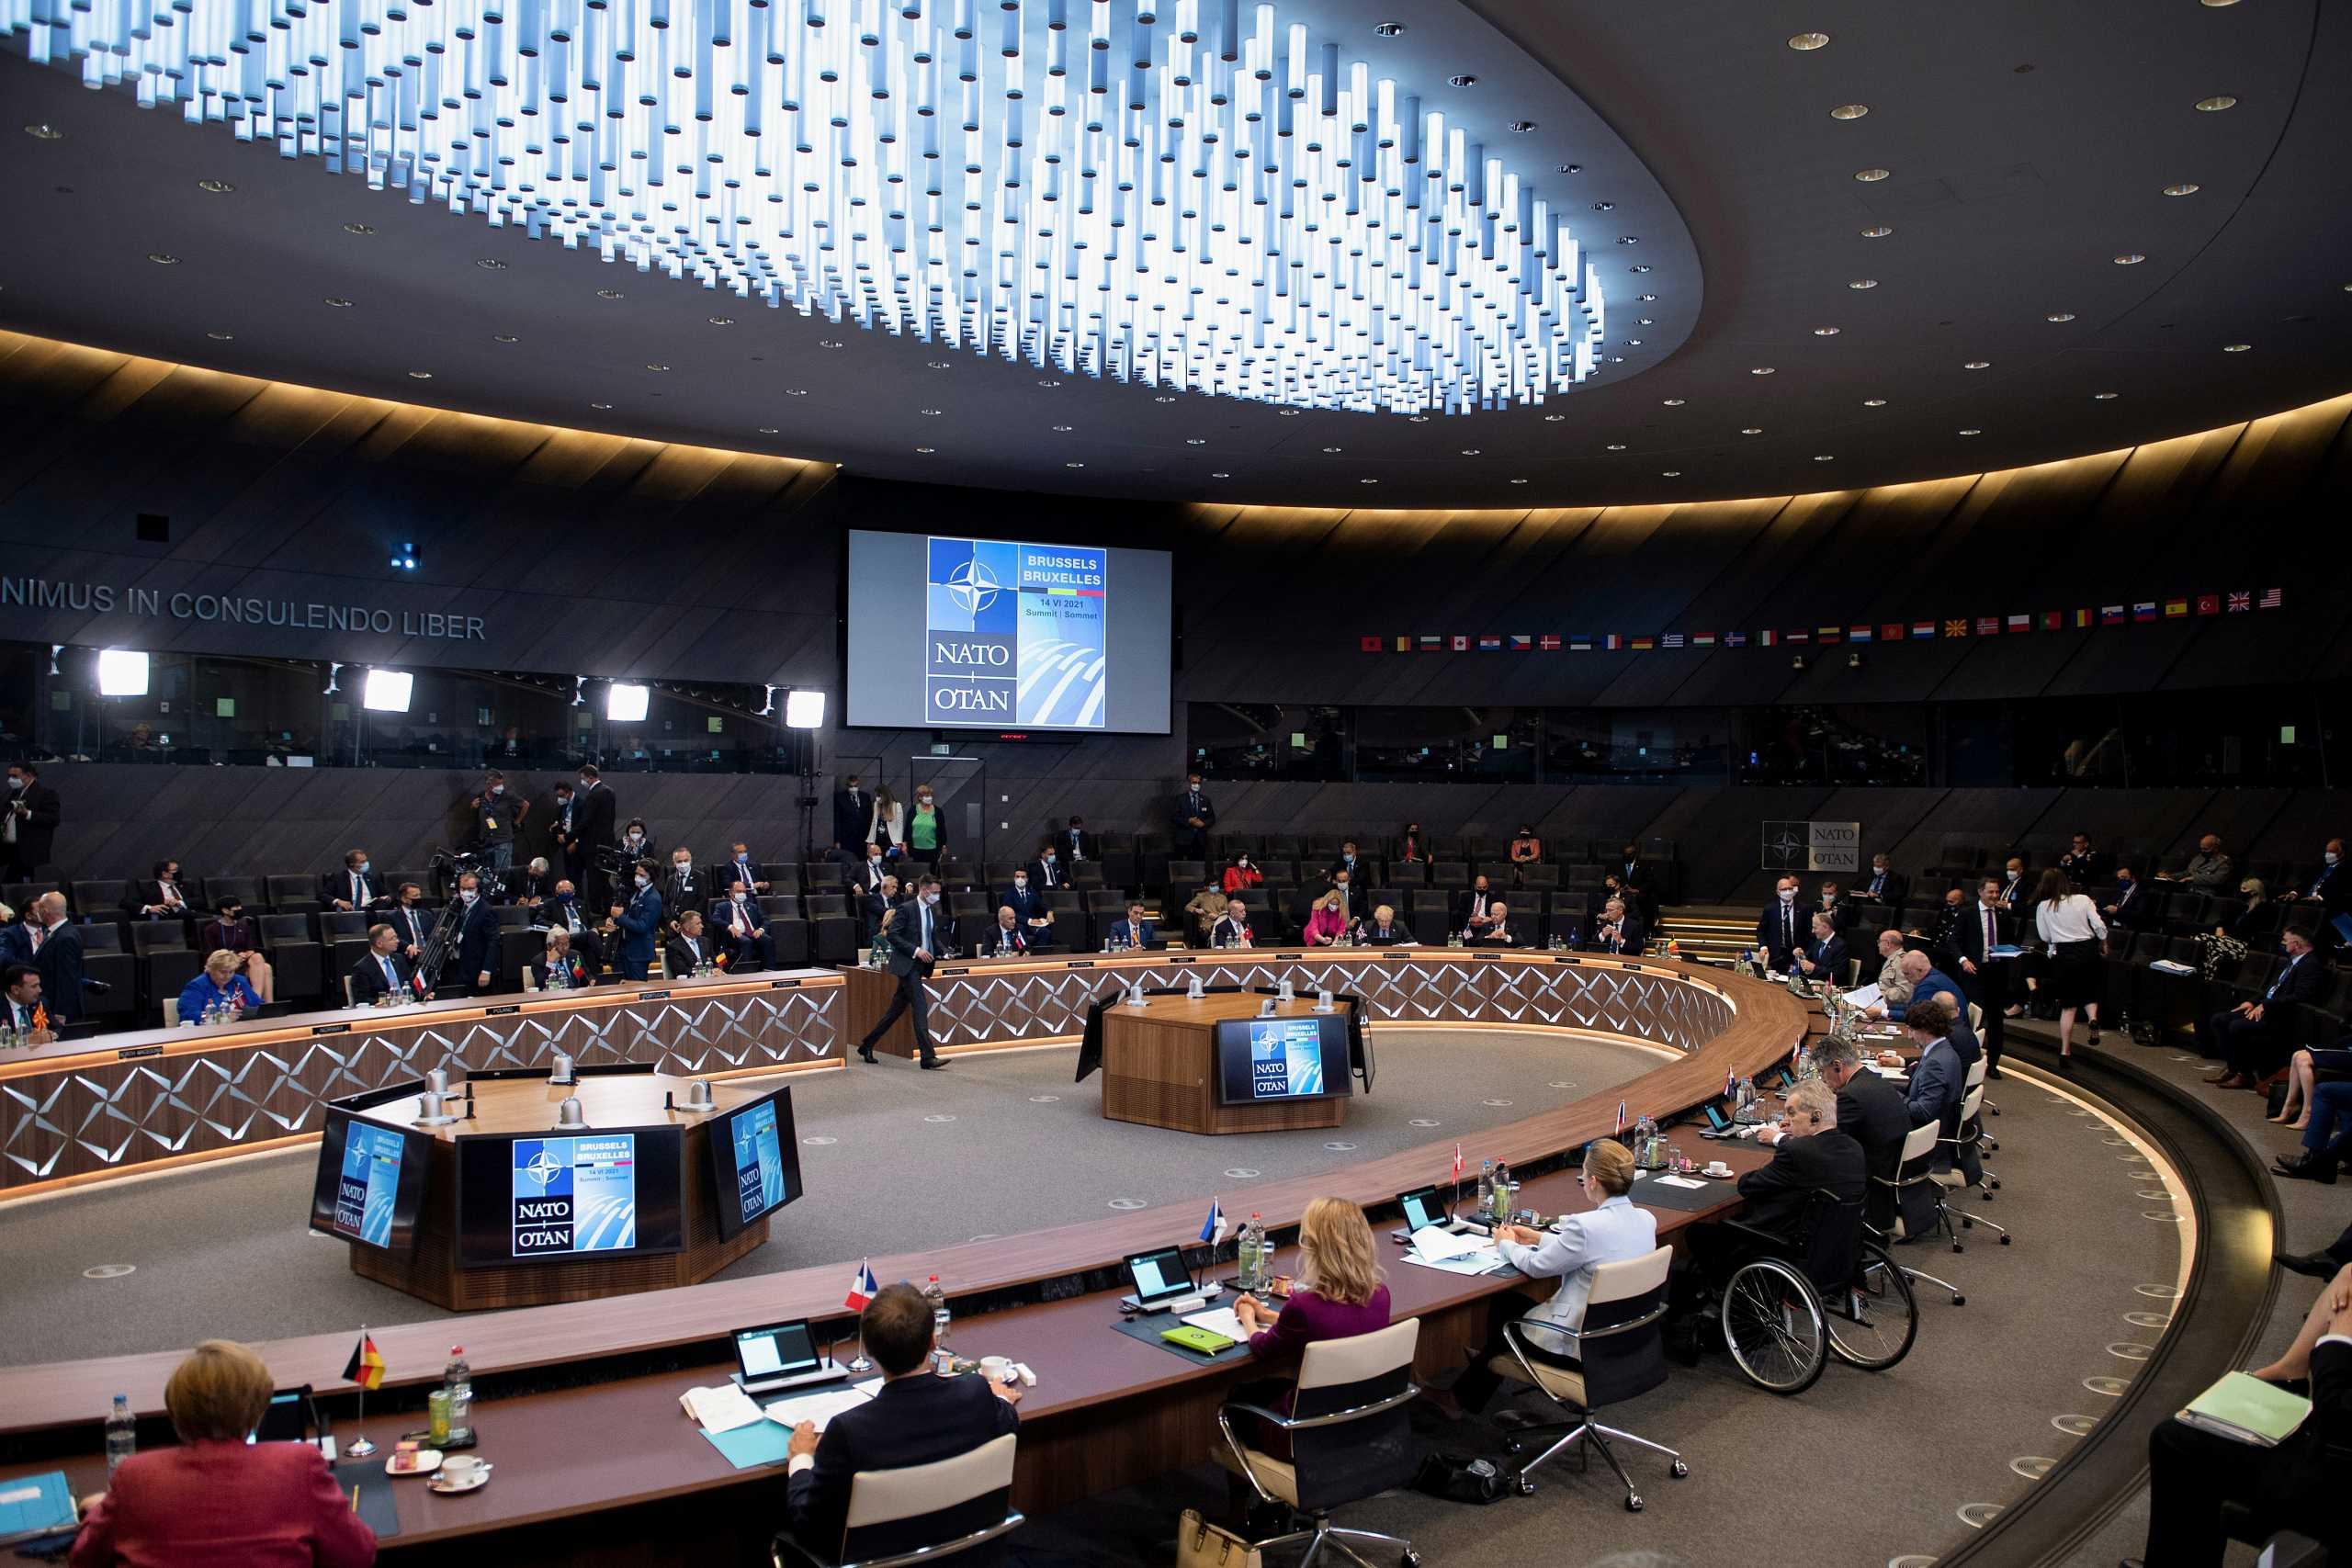 Γεωργία: Εν αναμονή της ένταξης στο ΝΑΤΟ